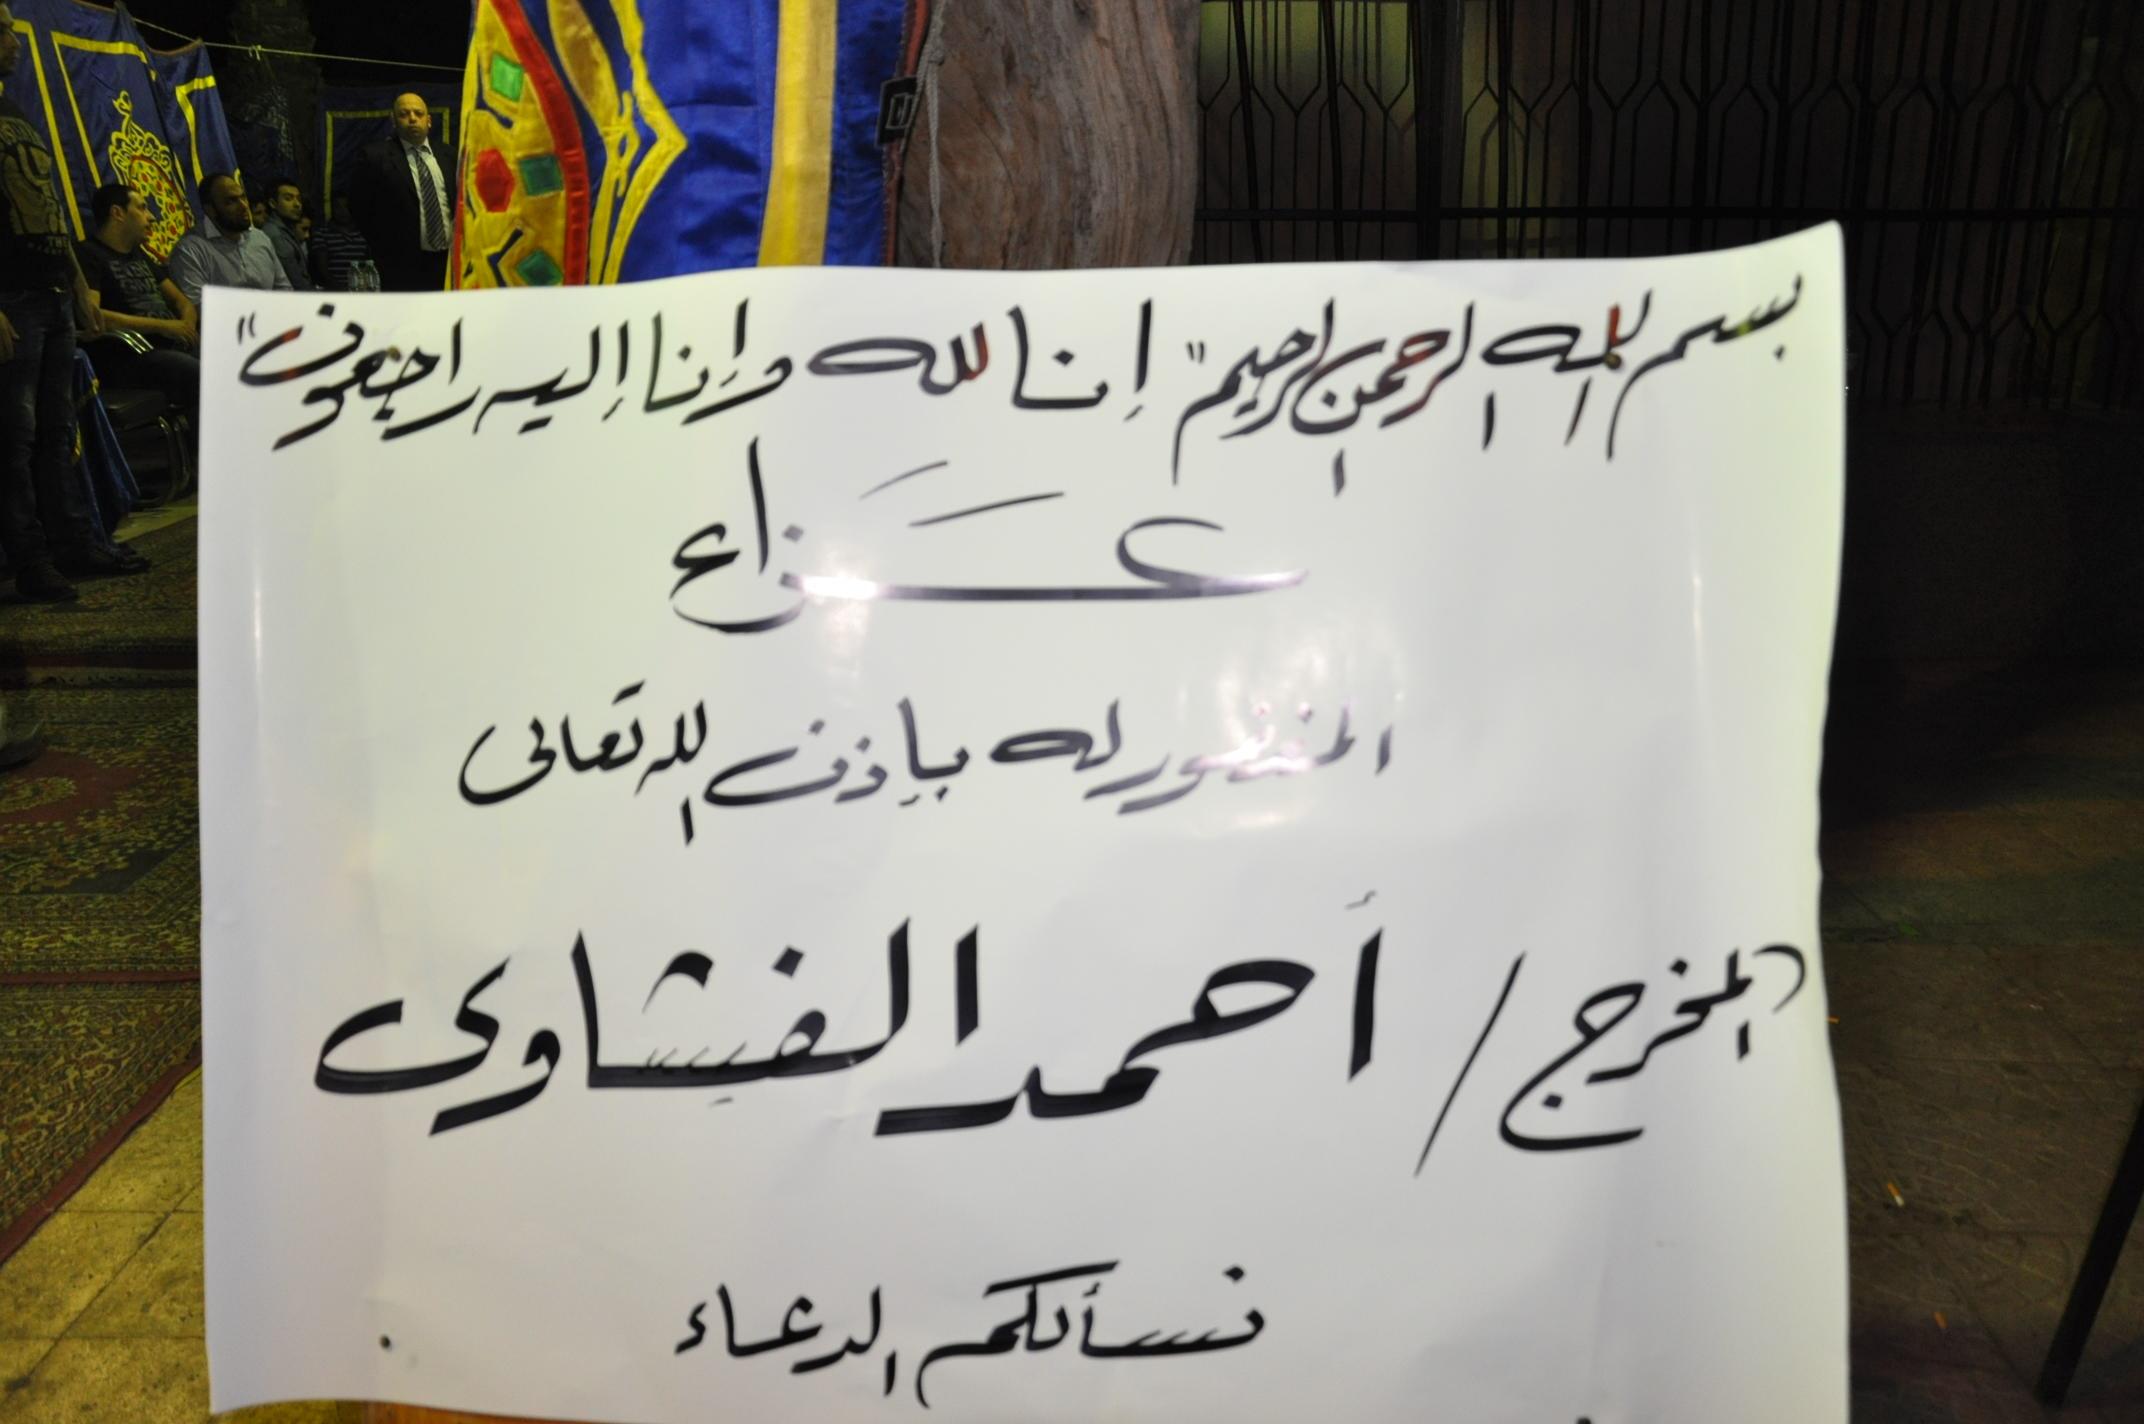 عزاء المخرج احمد الفيشاوي